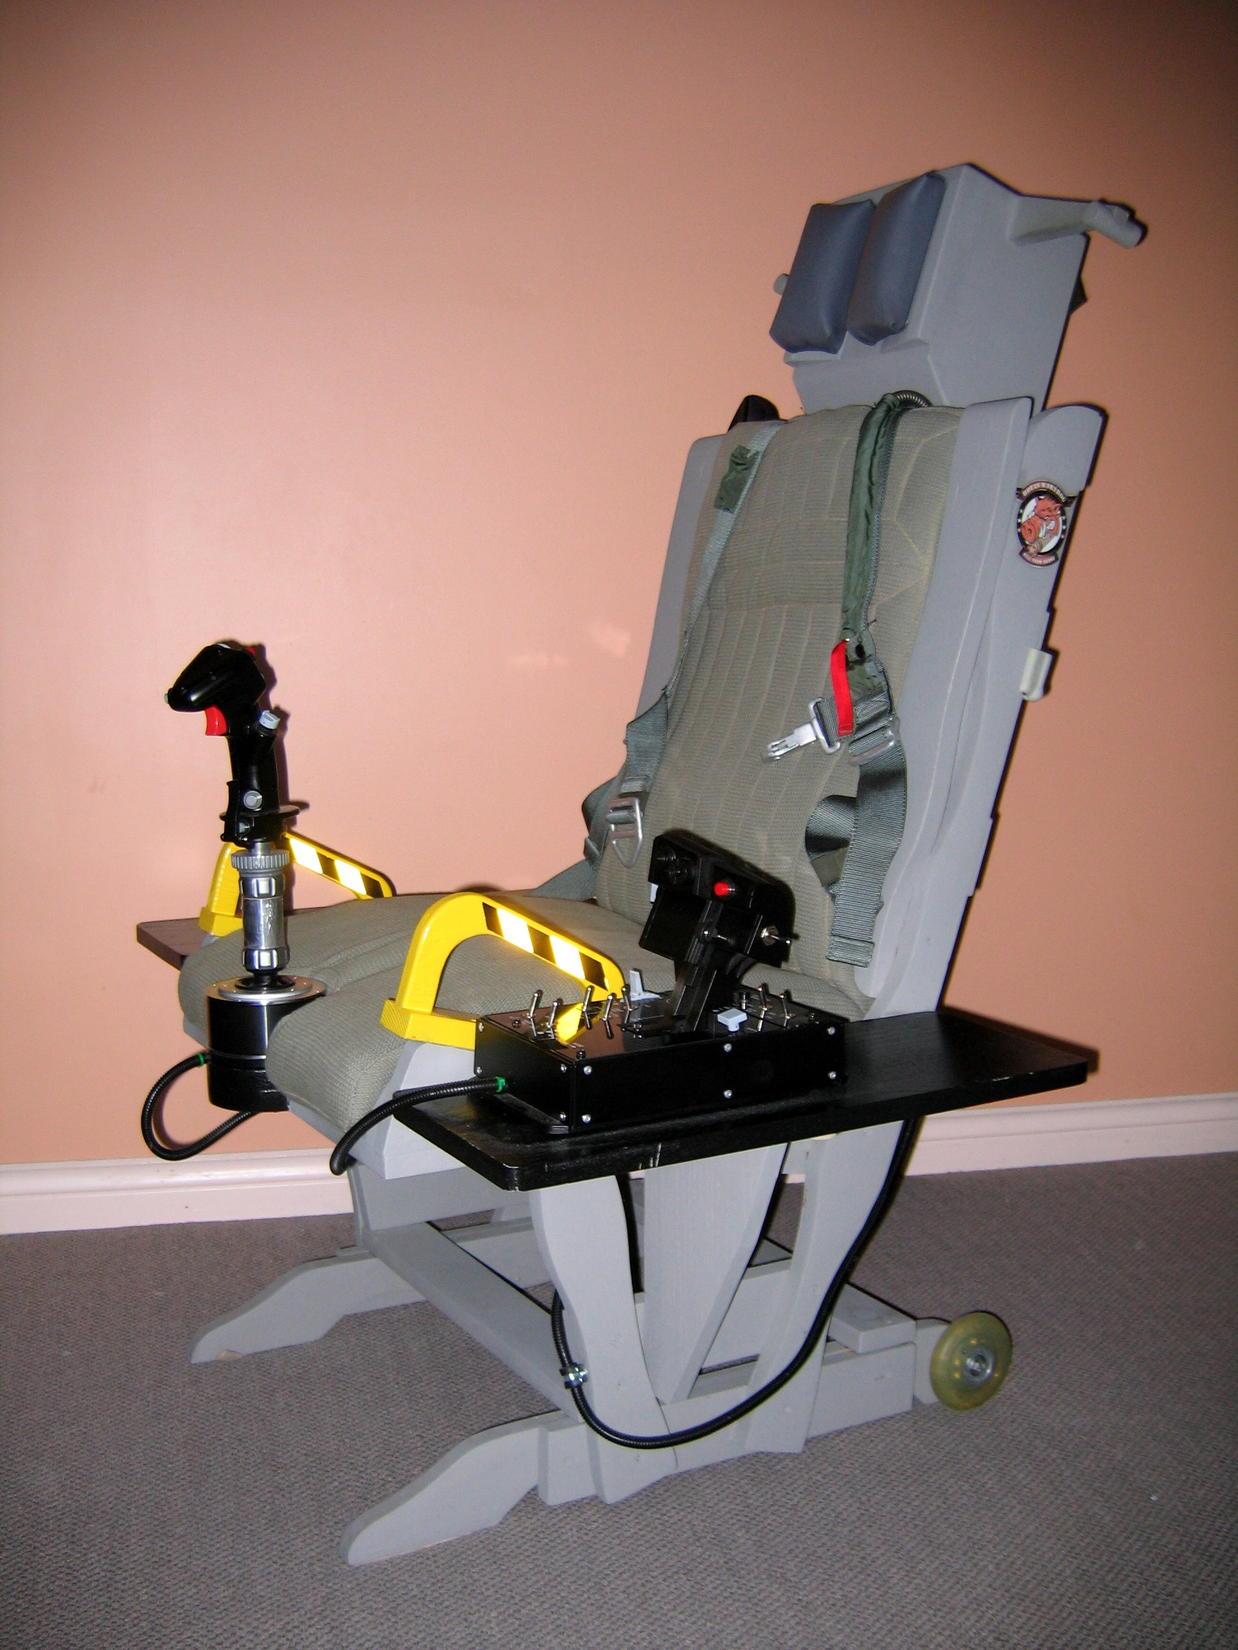 Tm Warthog Glider Rocker Sim Seat Mod Simhq Forums